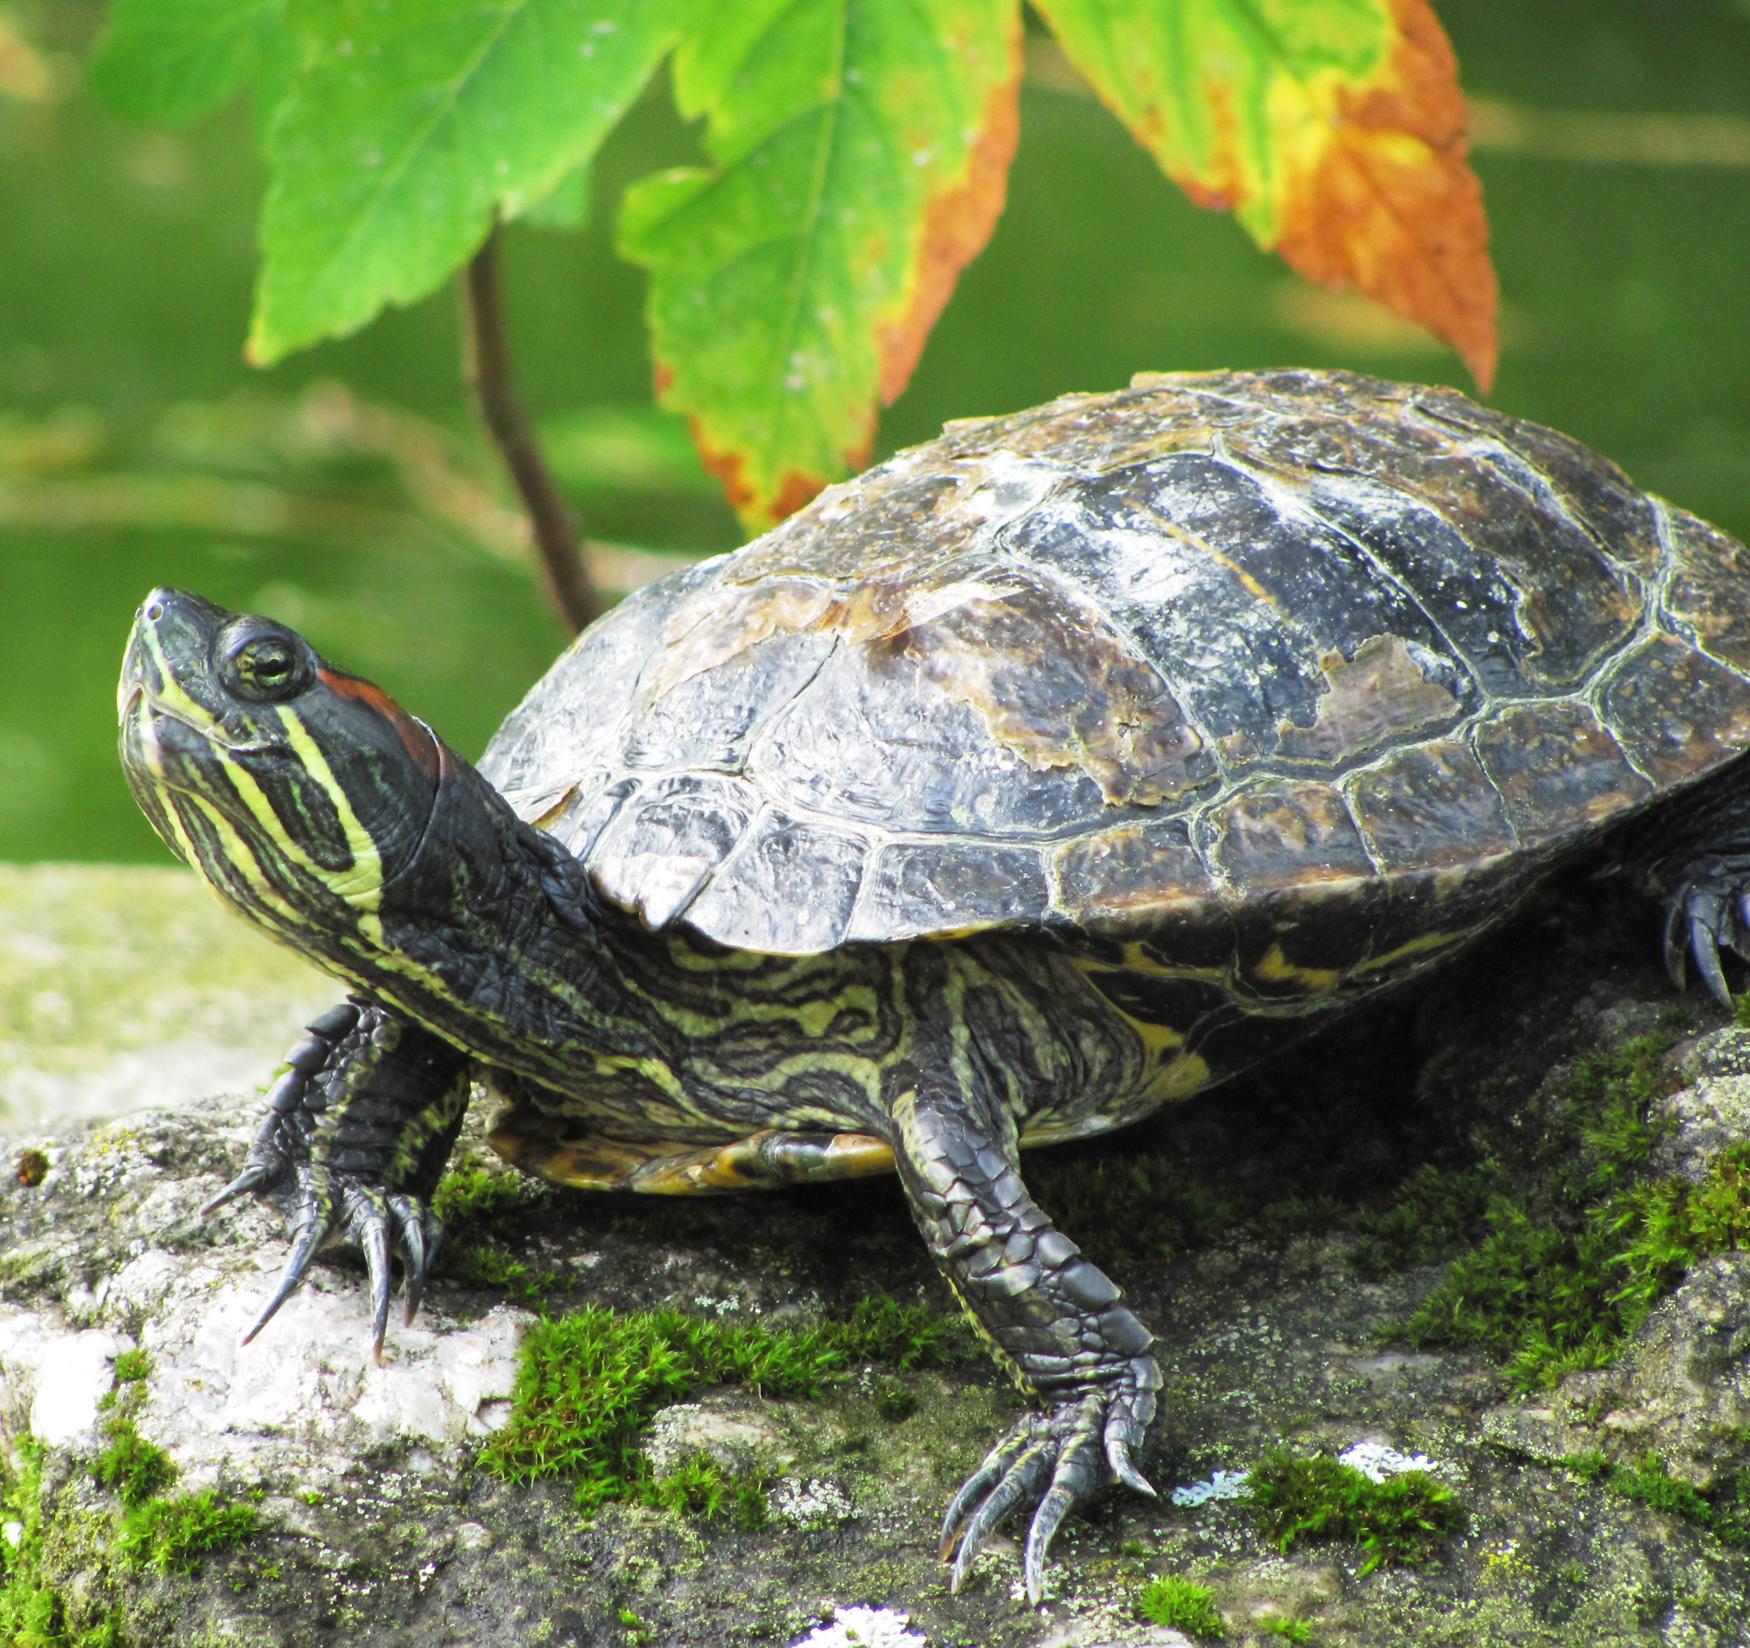 Buy the Teenage Mutant Ninja Turtle Toys, Not the Turtles ...